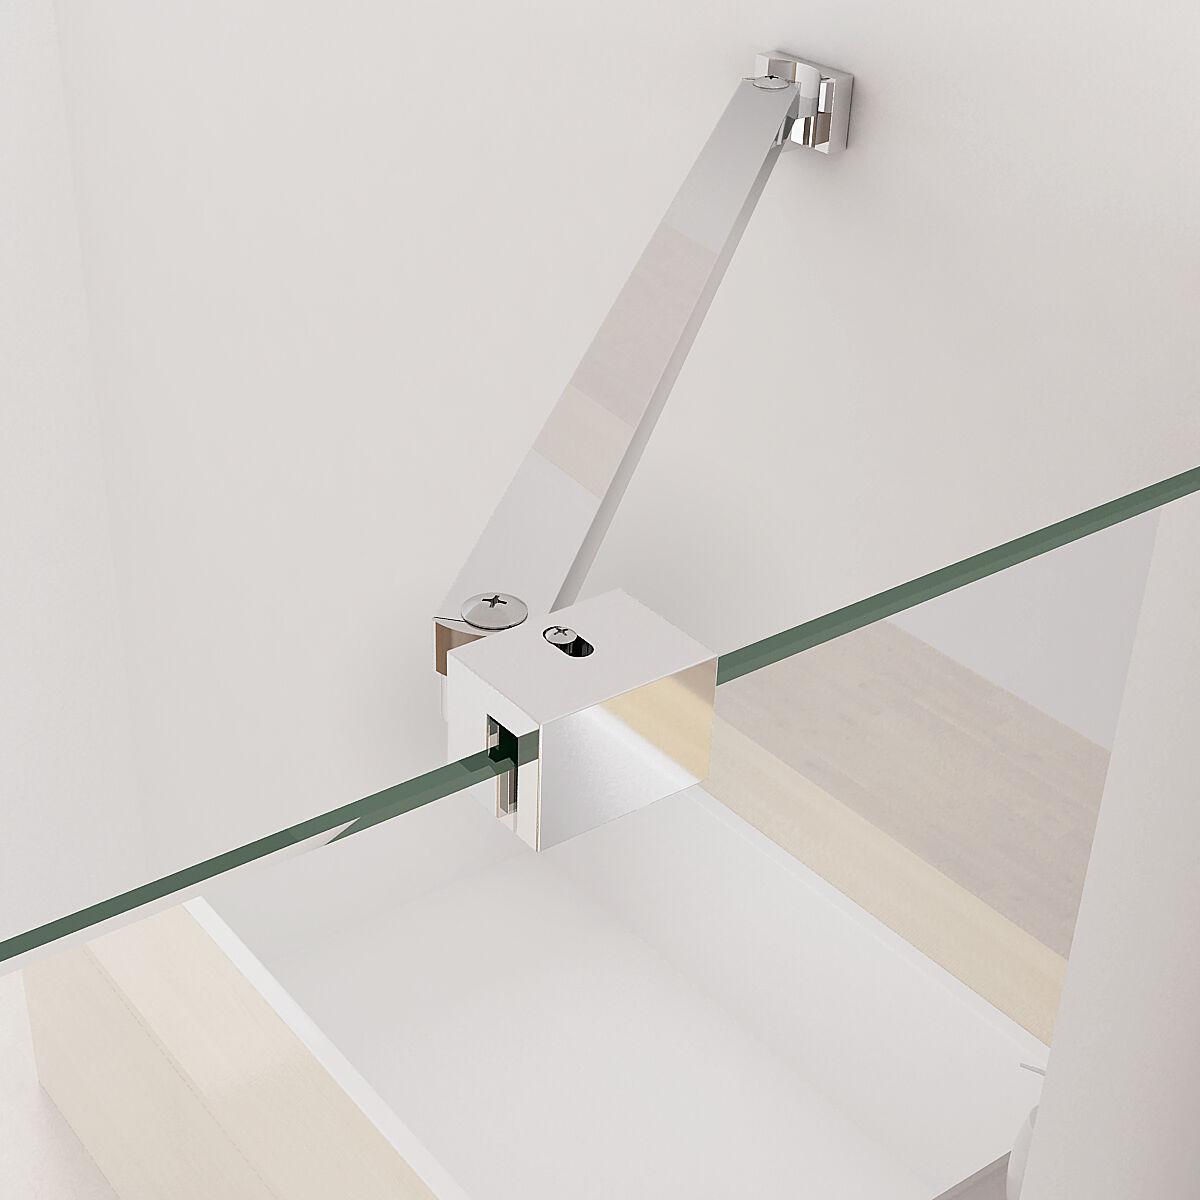 90 x 75 cm duschkabine eckeinstieg duschwand. Black Bedroom Furniture Sets. Home Design Ideas